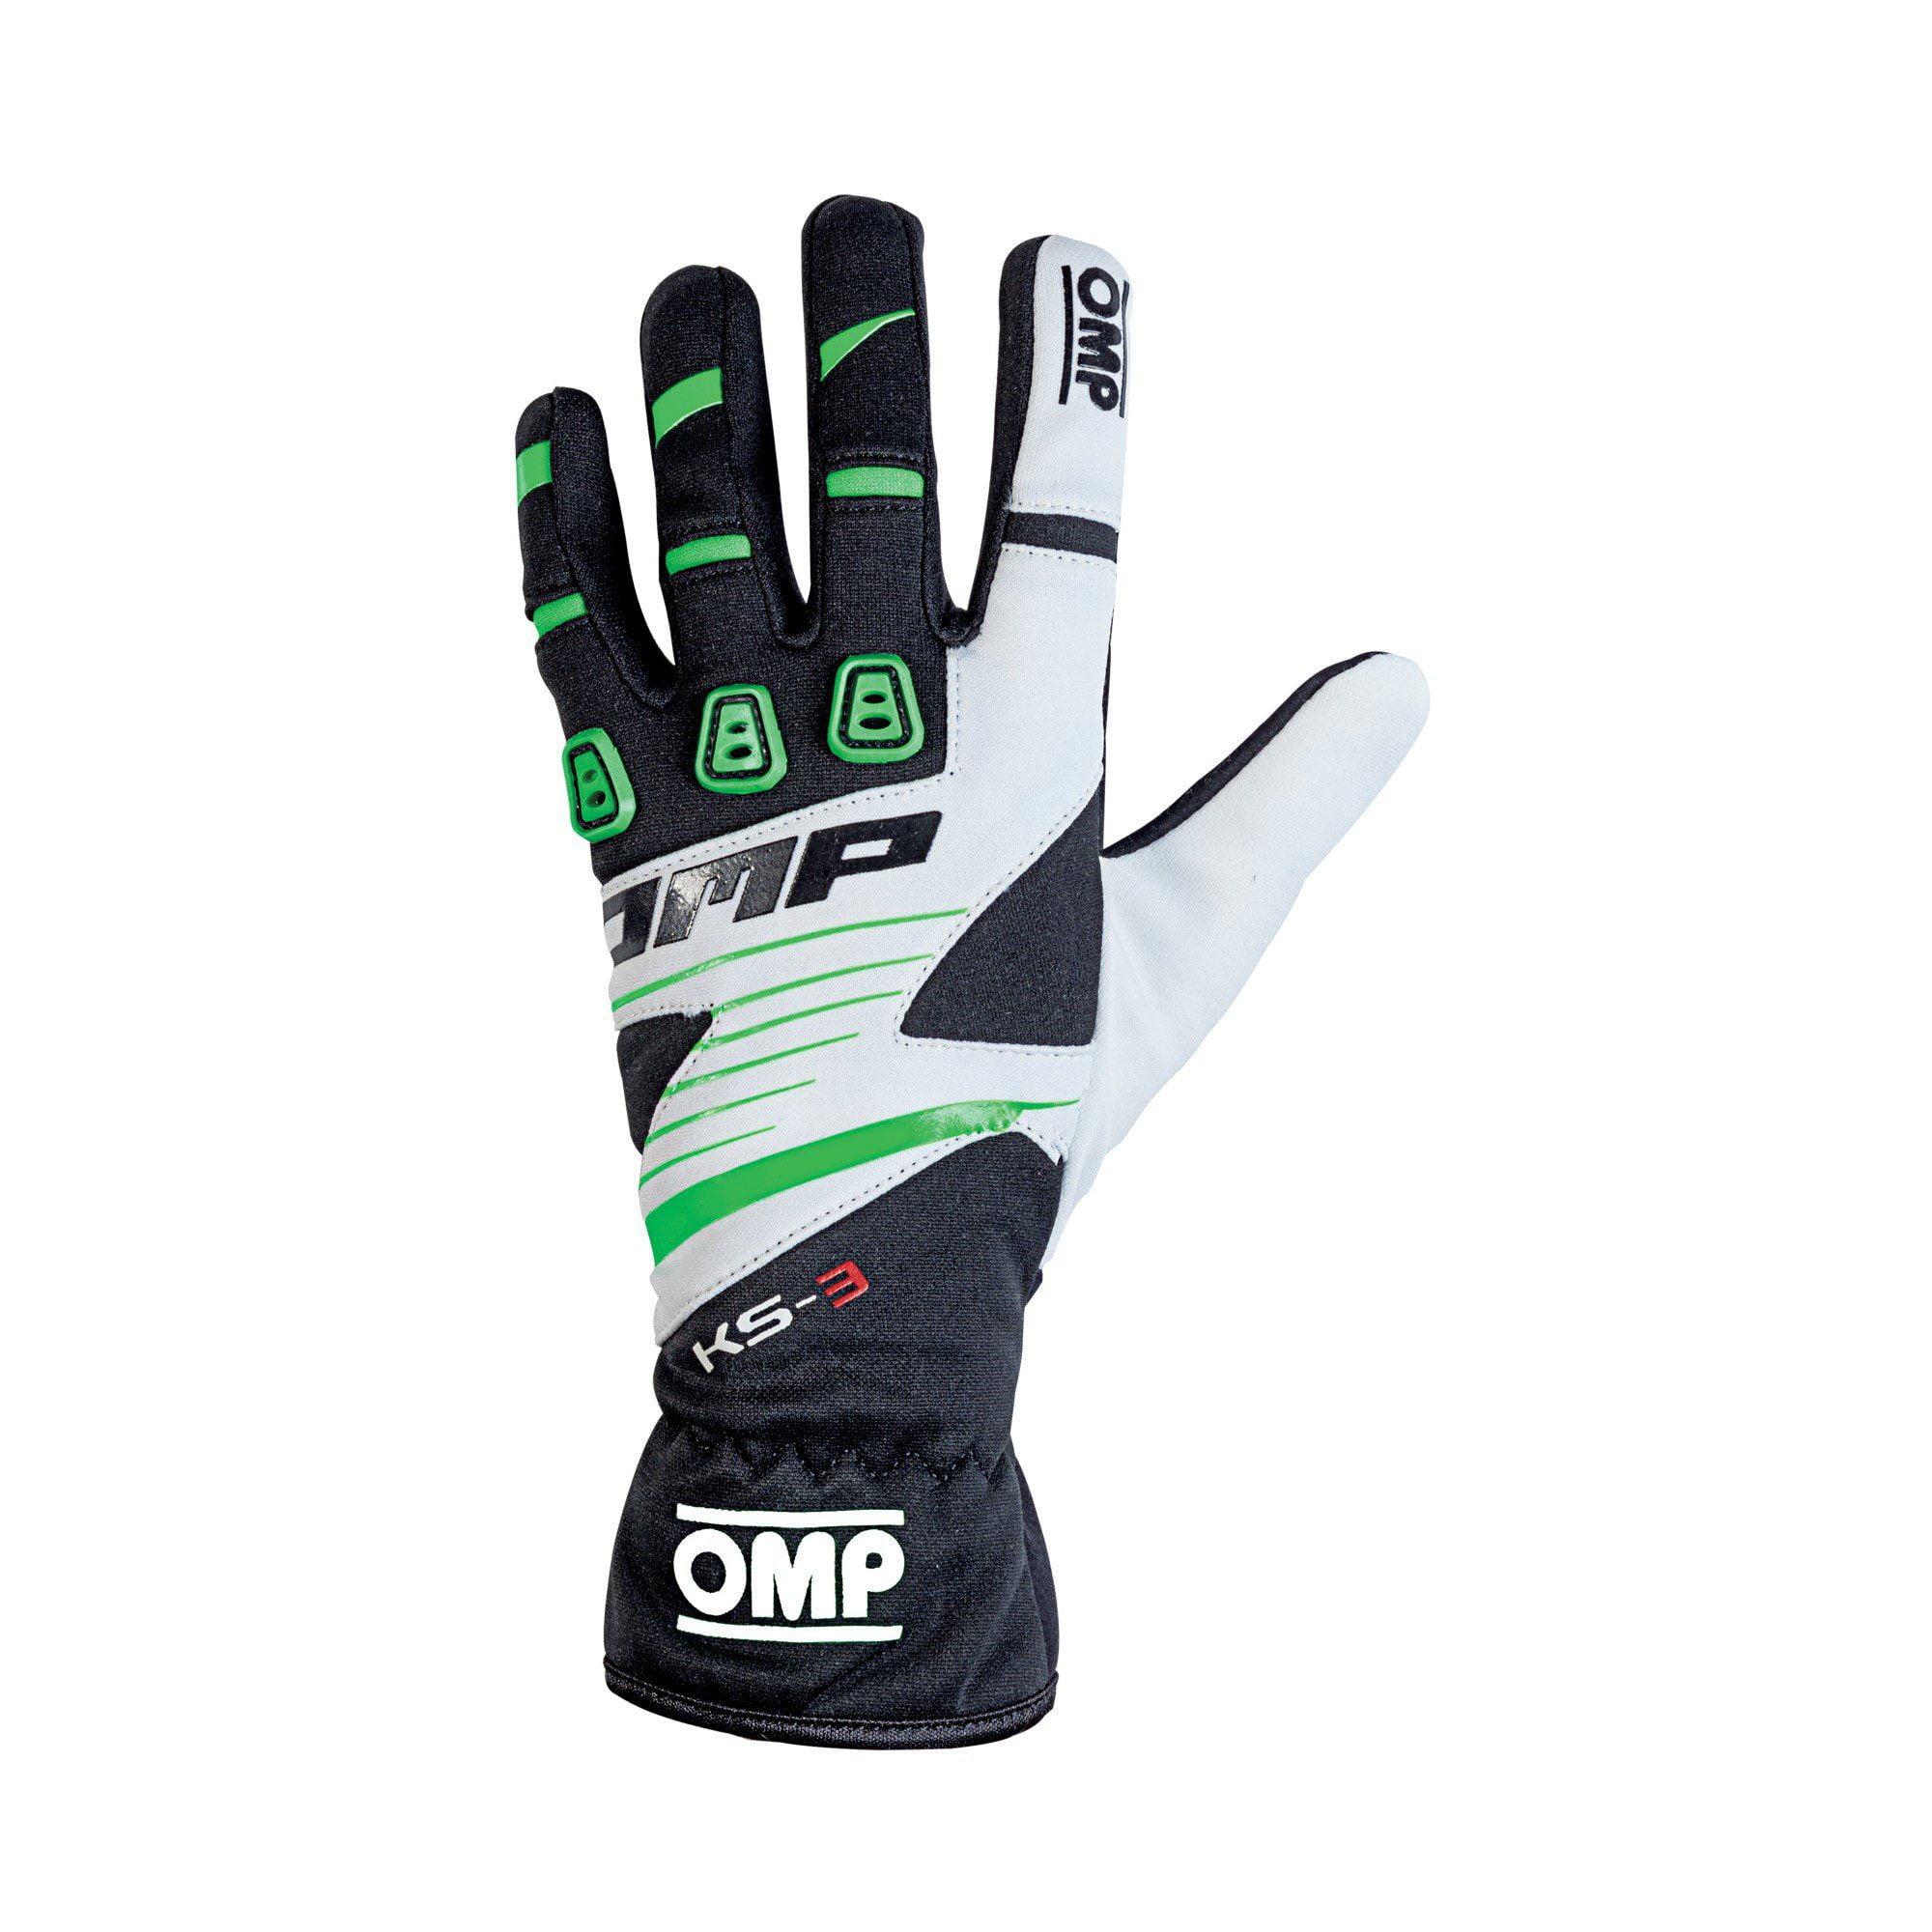 OMP 2019 KS-3 Kart Gloves green